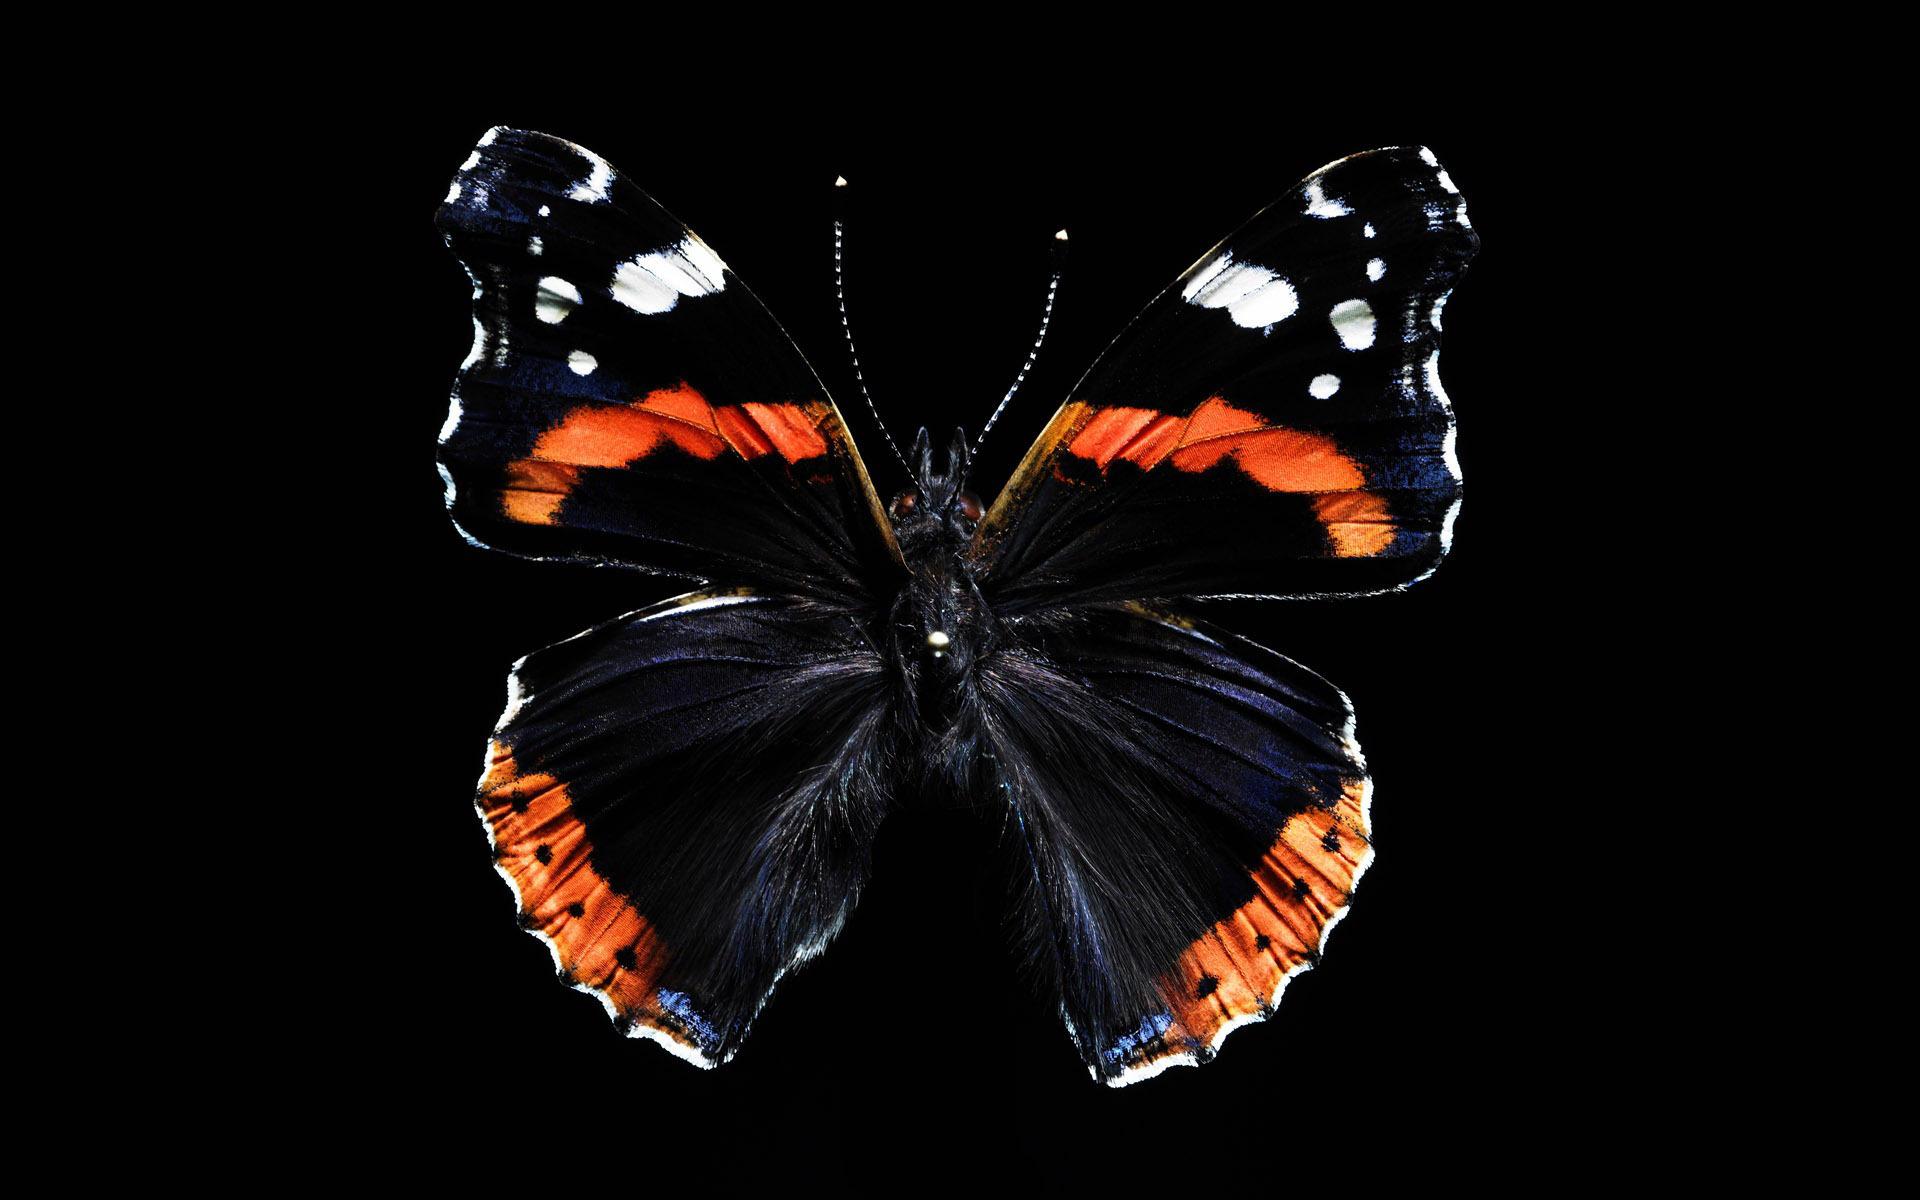 бабочка линии частицы бесплатно